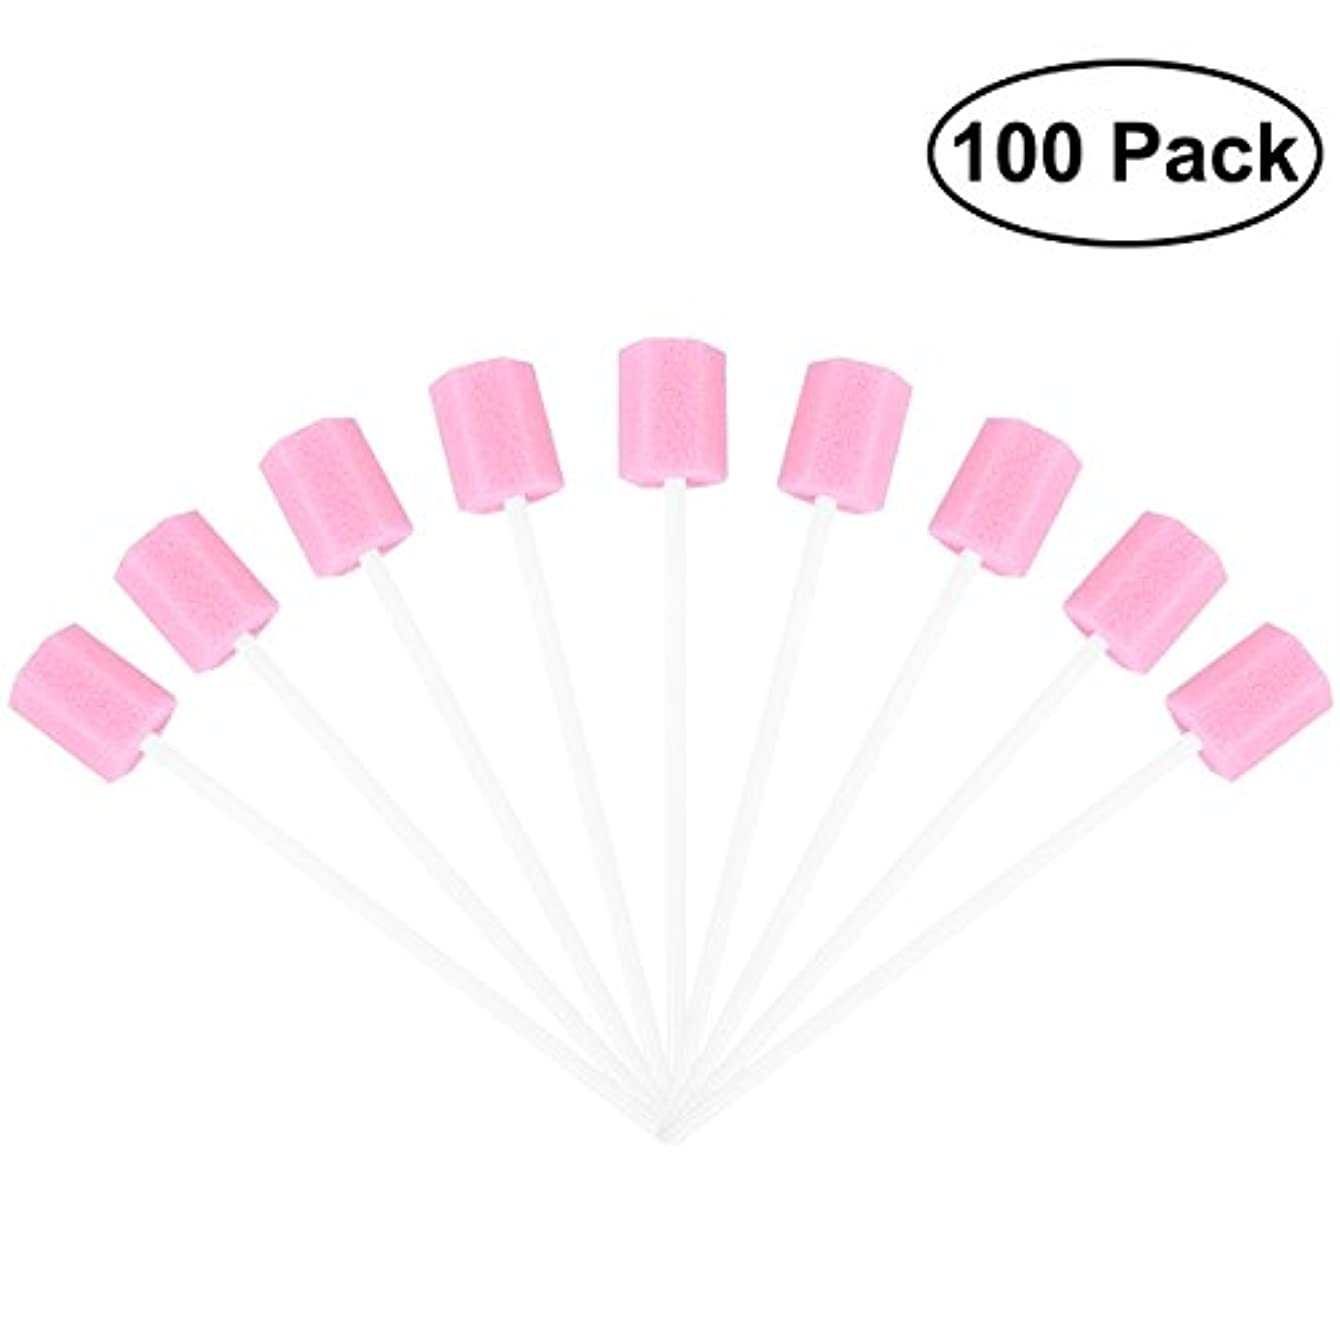 泥棒拡張手術ROSENICE 使い捨てオーラルケアスポンジスワブ歯口洗浄スワブ100個(ピンク)